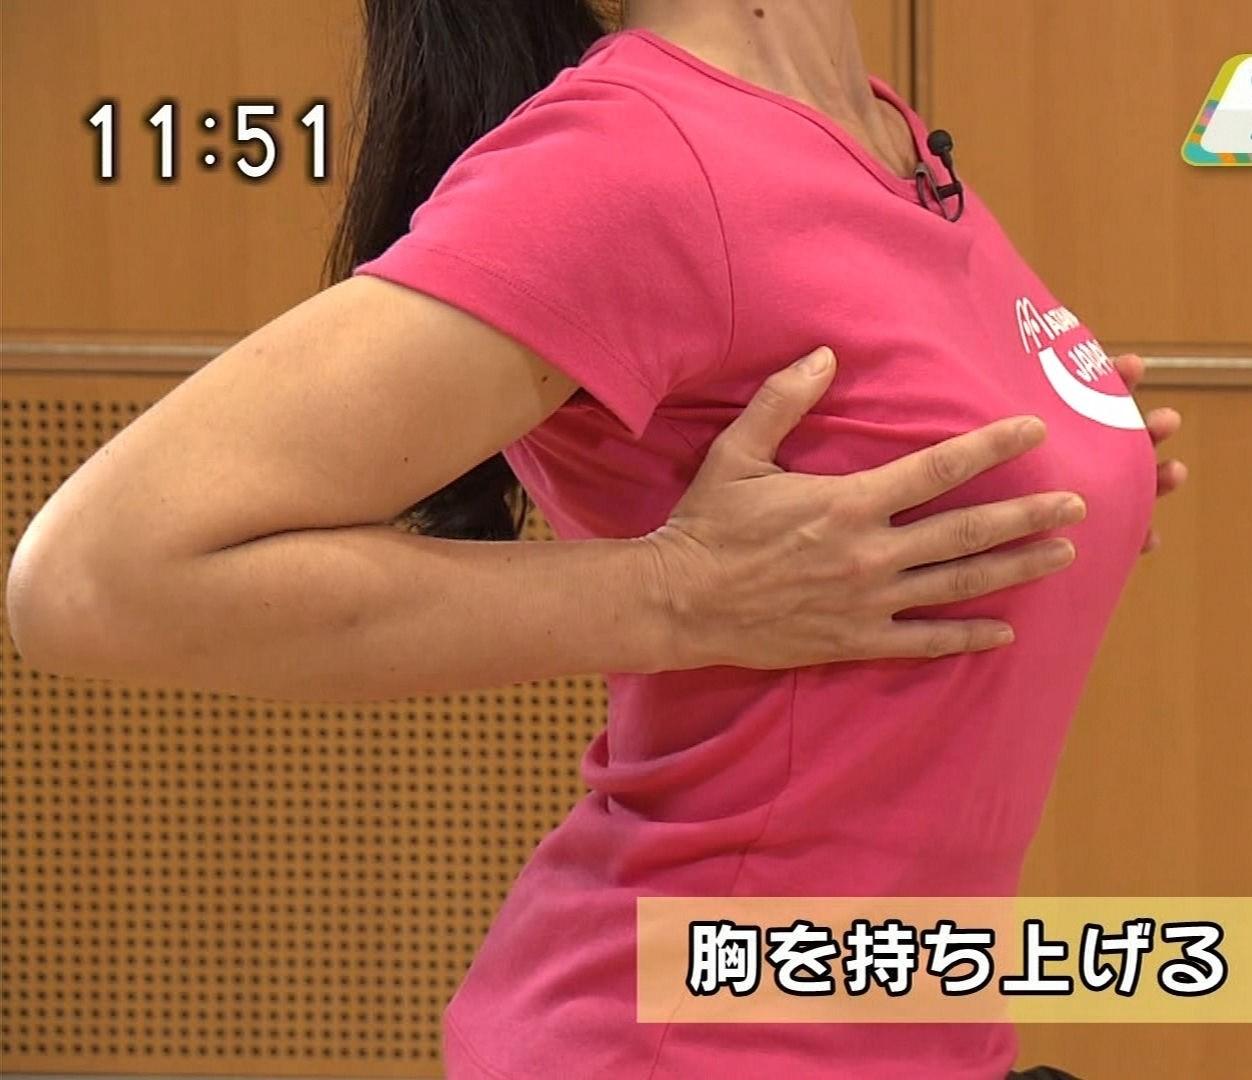 エロいと思われるTV画像3